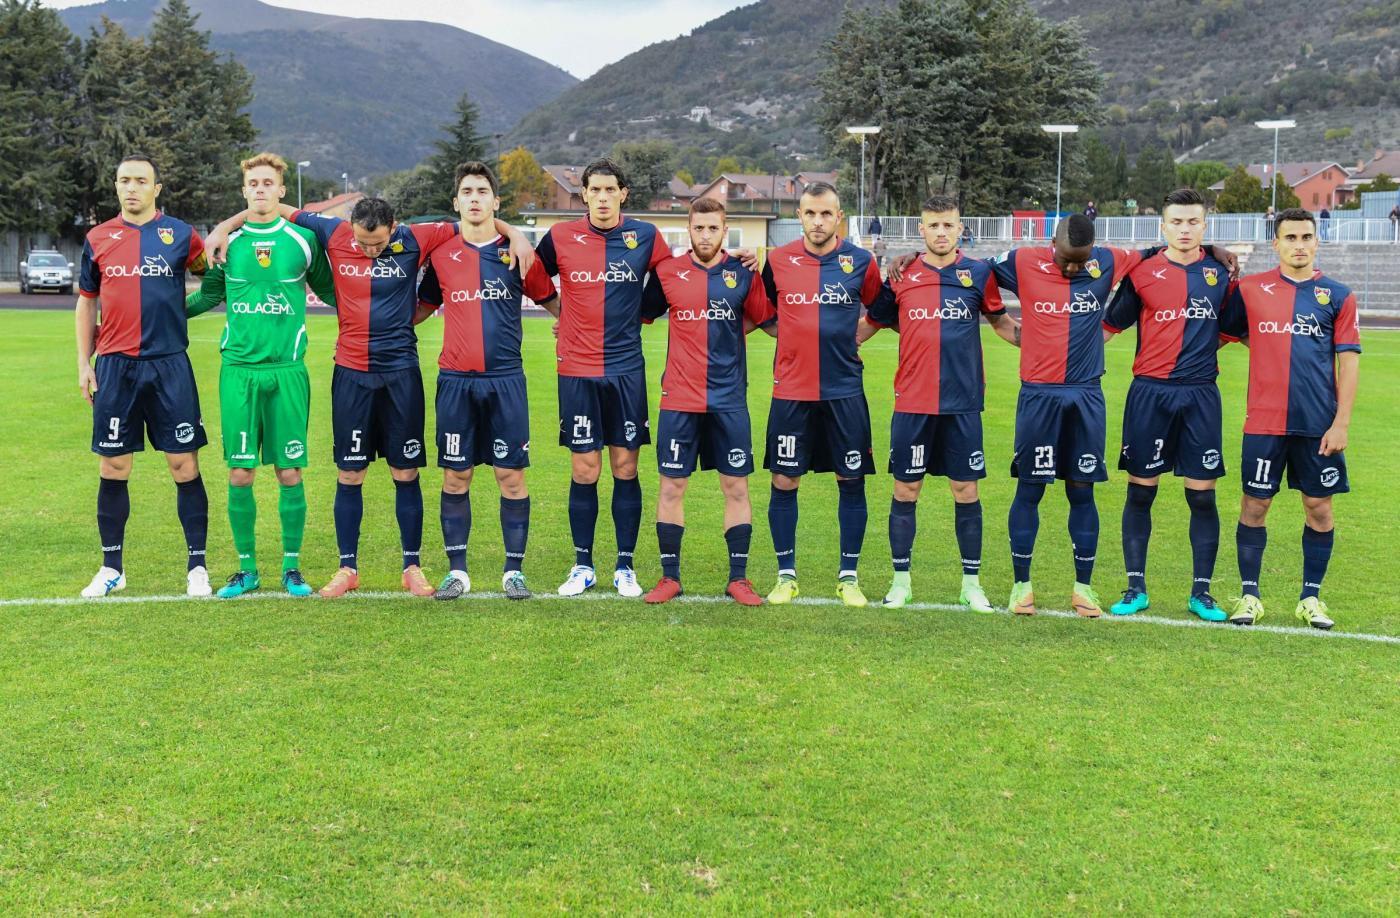 Serie C, Teramo-Vis Pesaro sabato 20 aprile: analisi e pronostico della 35ma giornata della terza divisione italiana